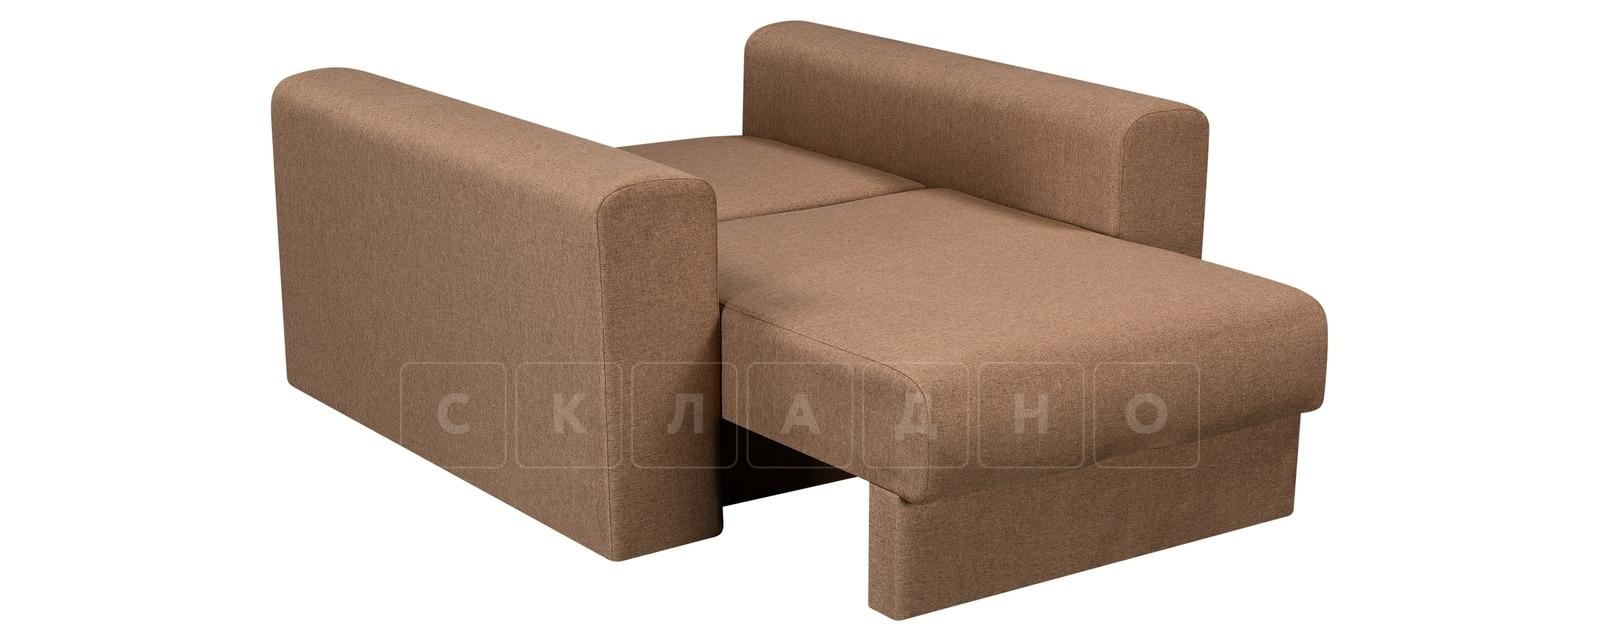 Кресло Медисон 80см коричневого цвета фото 4 | интернет-магазин Складно